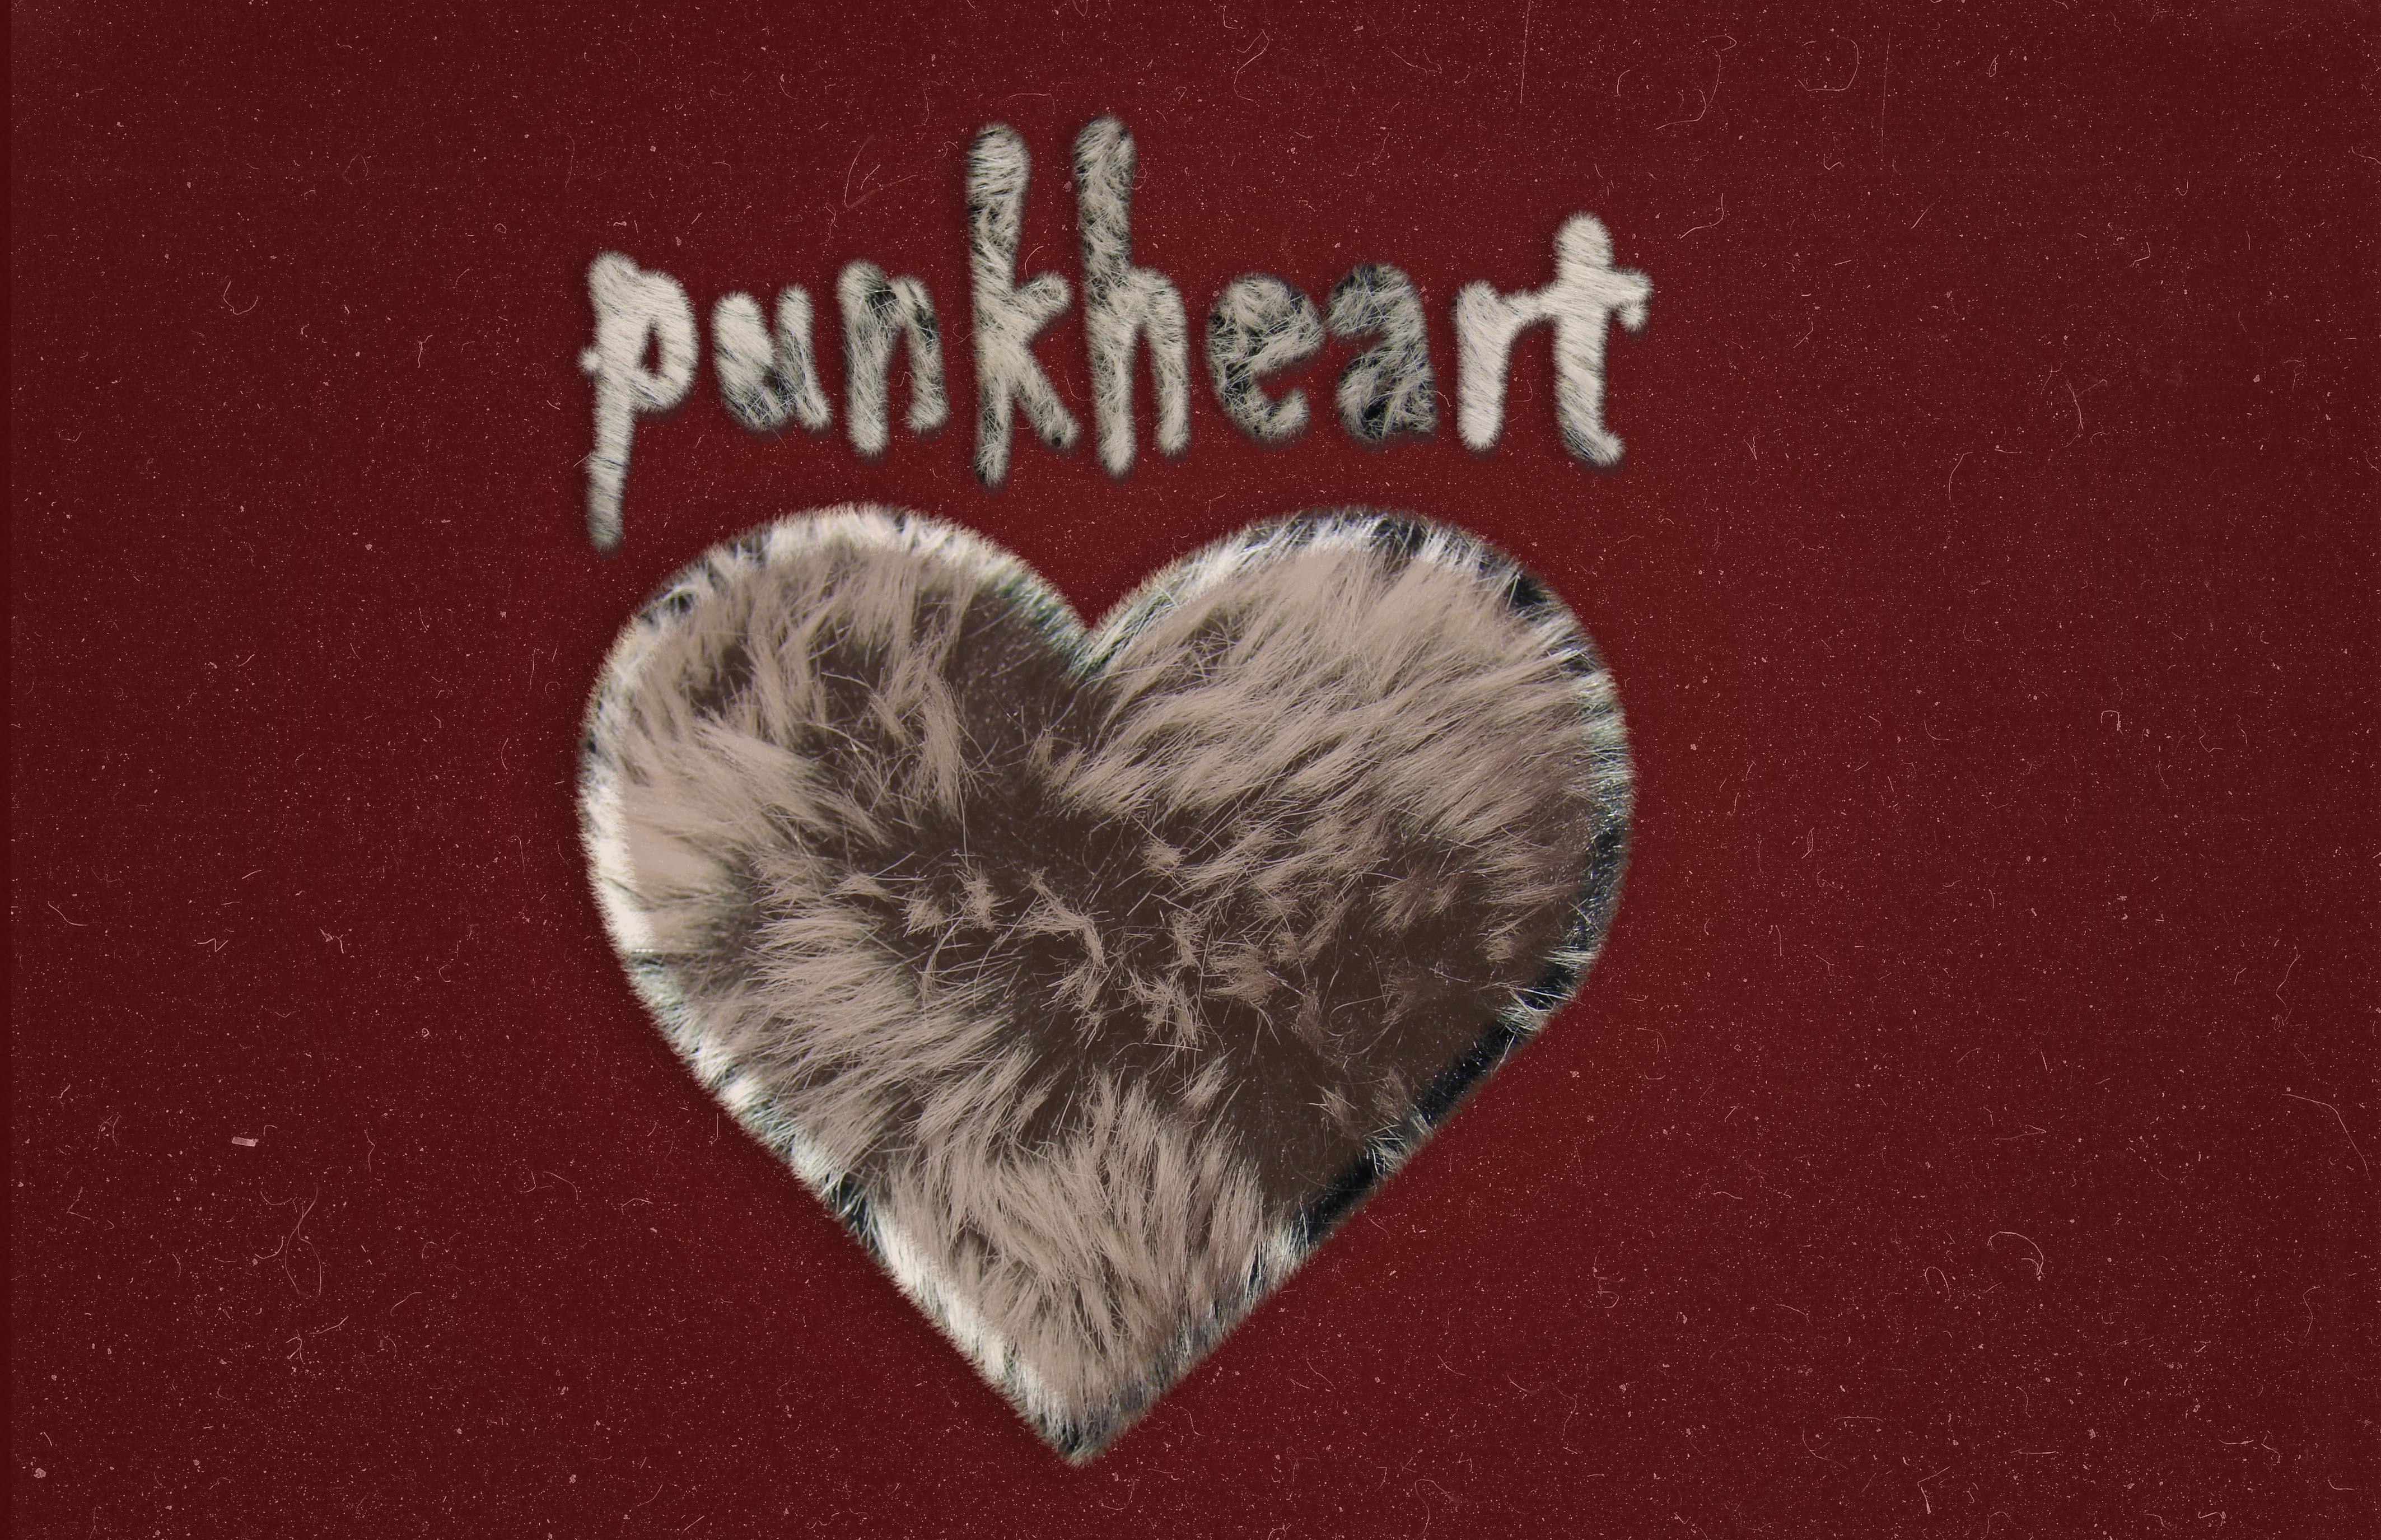 PunkheART